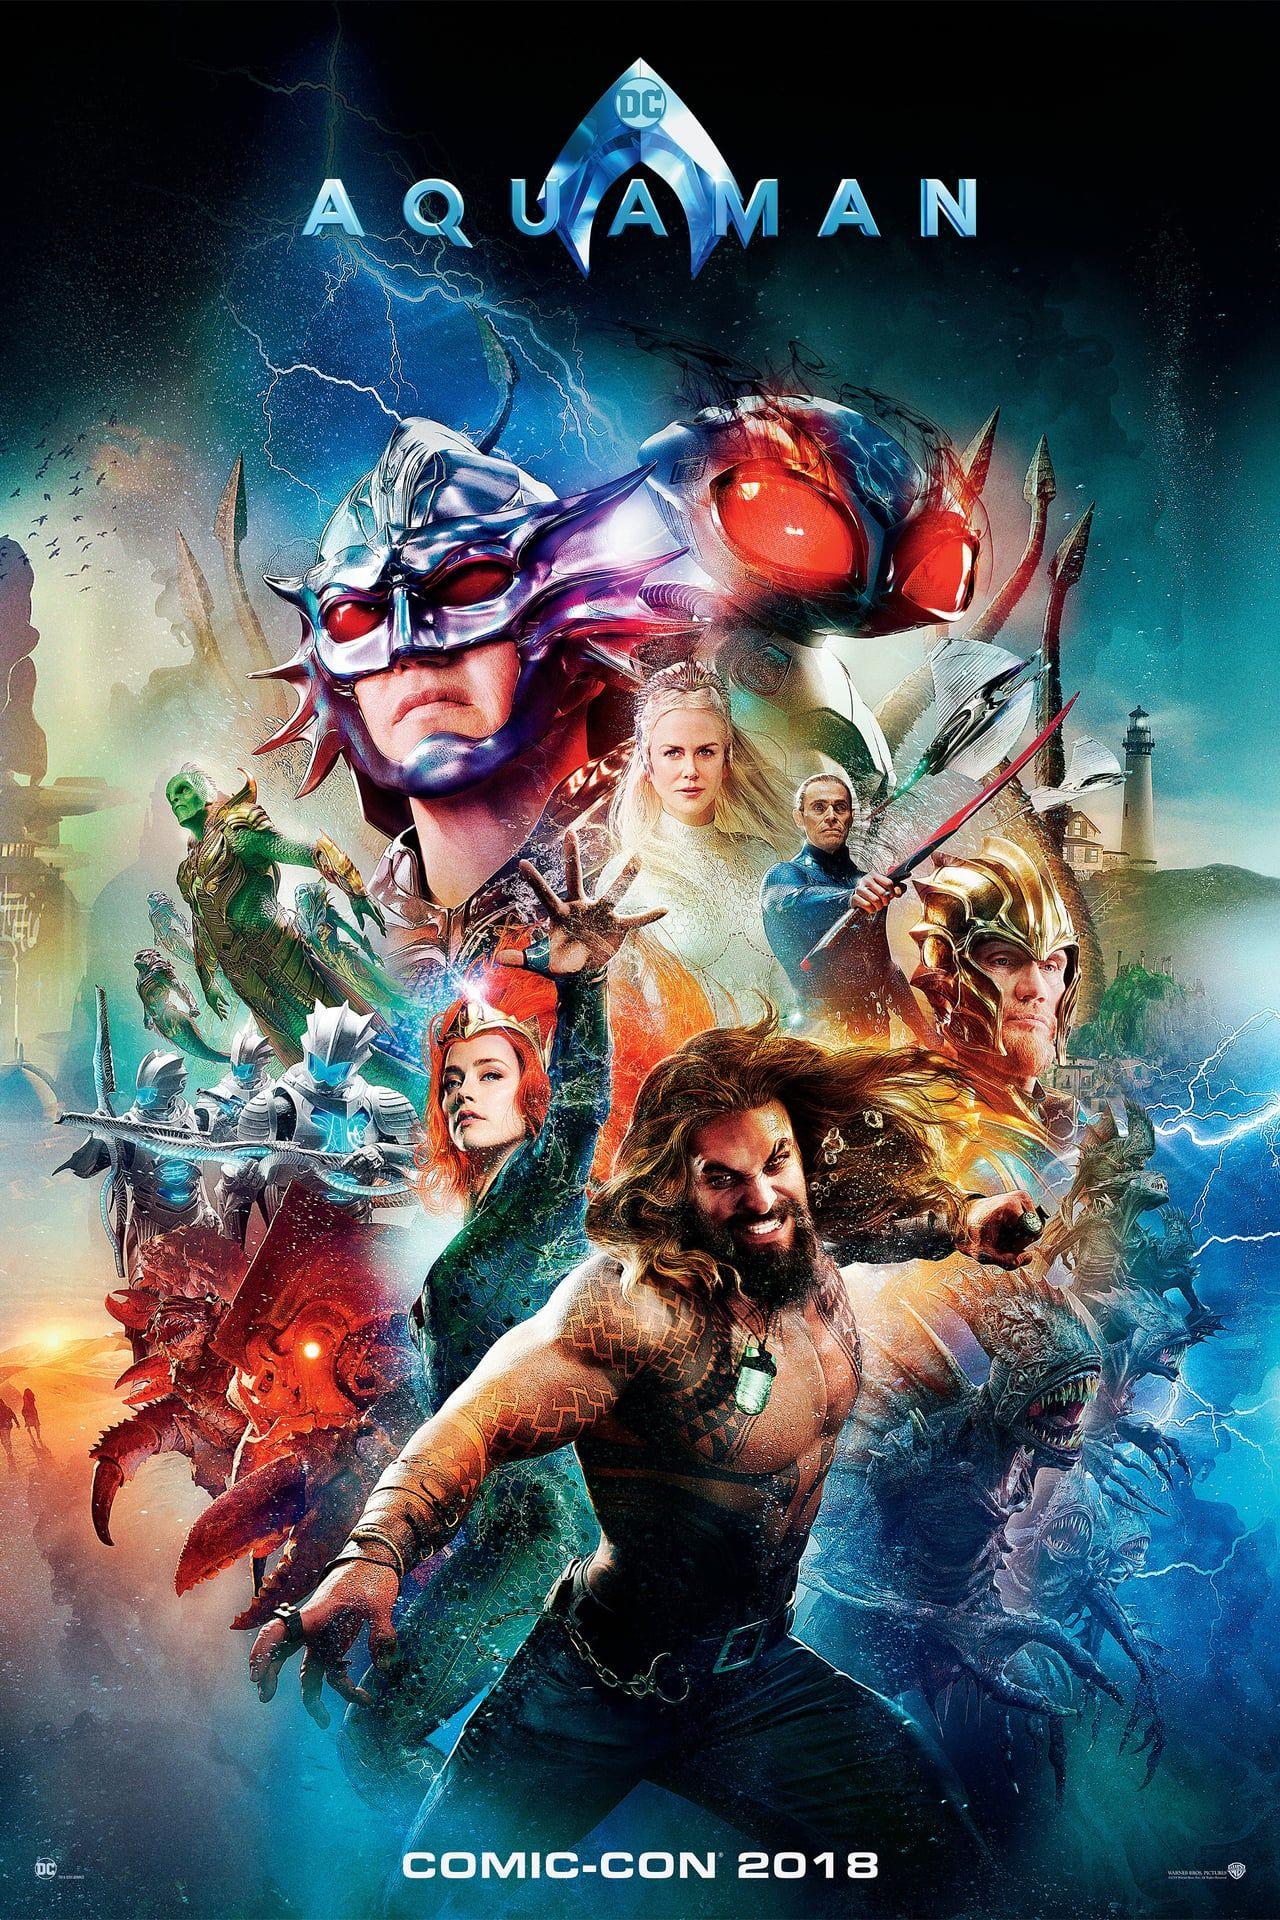 Ver Aquaman 2018 Pelicula Completa Online En Espanol Latino Aquaman2018 Películacompletahd Películacompletagratis Pelíc Aquaman Film Aquaman Aquaman 2018